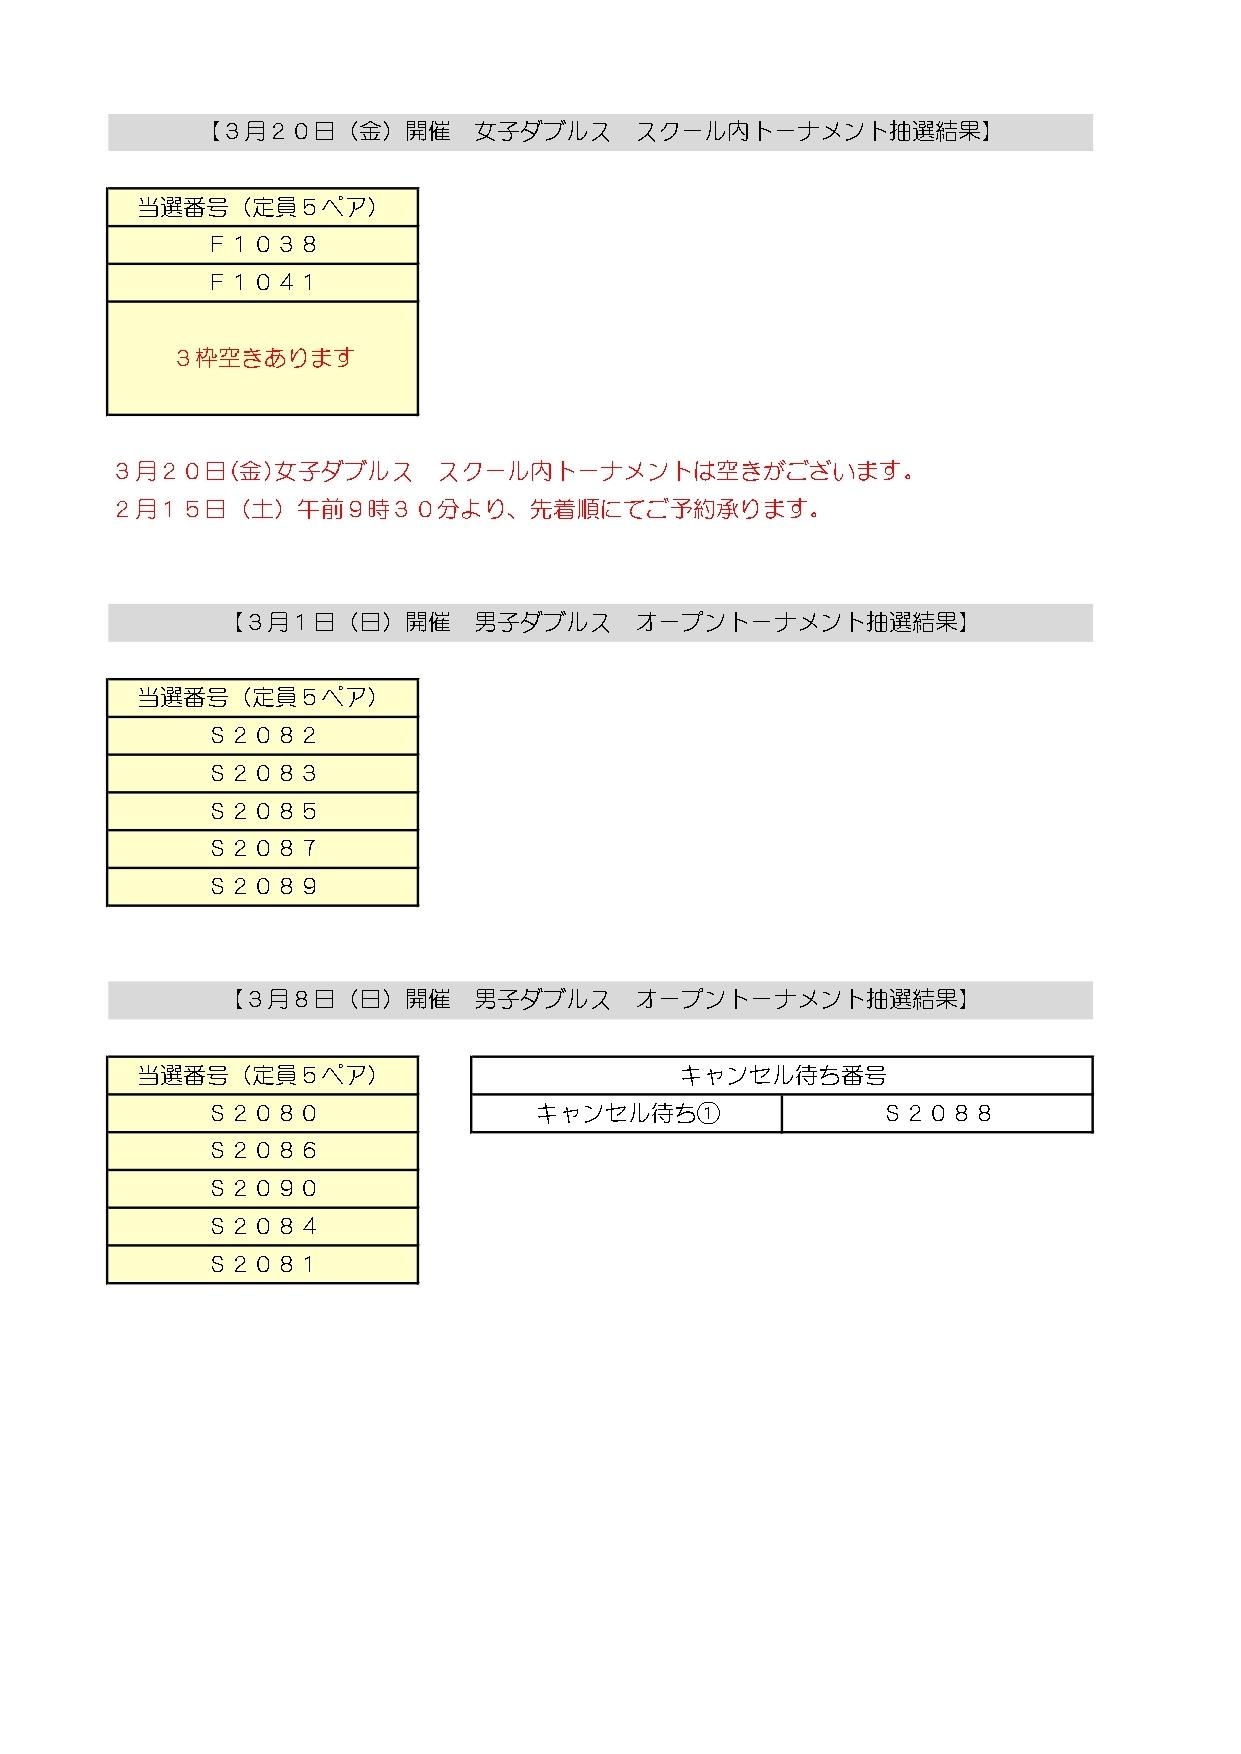 2020.3月トーナメント抽選結果_b0158200_15104970.jpg